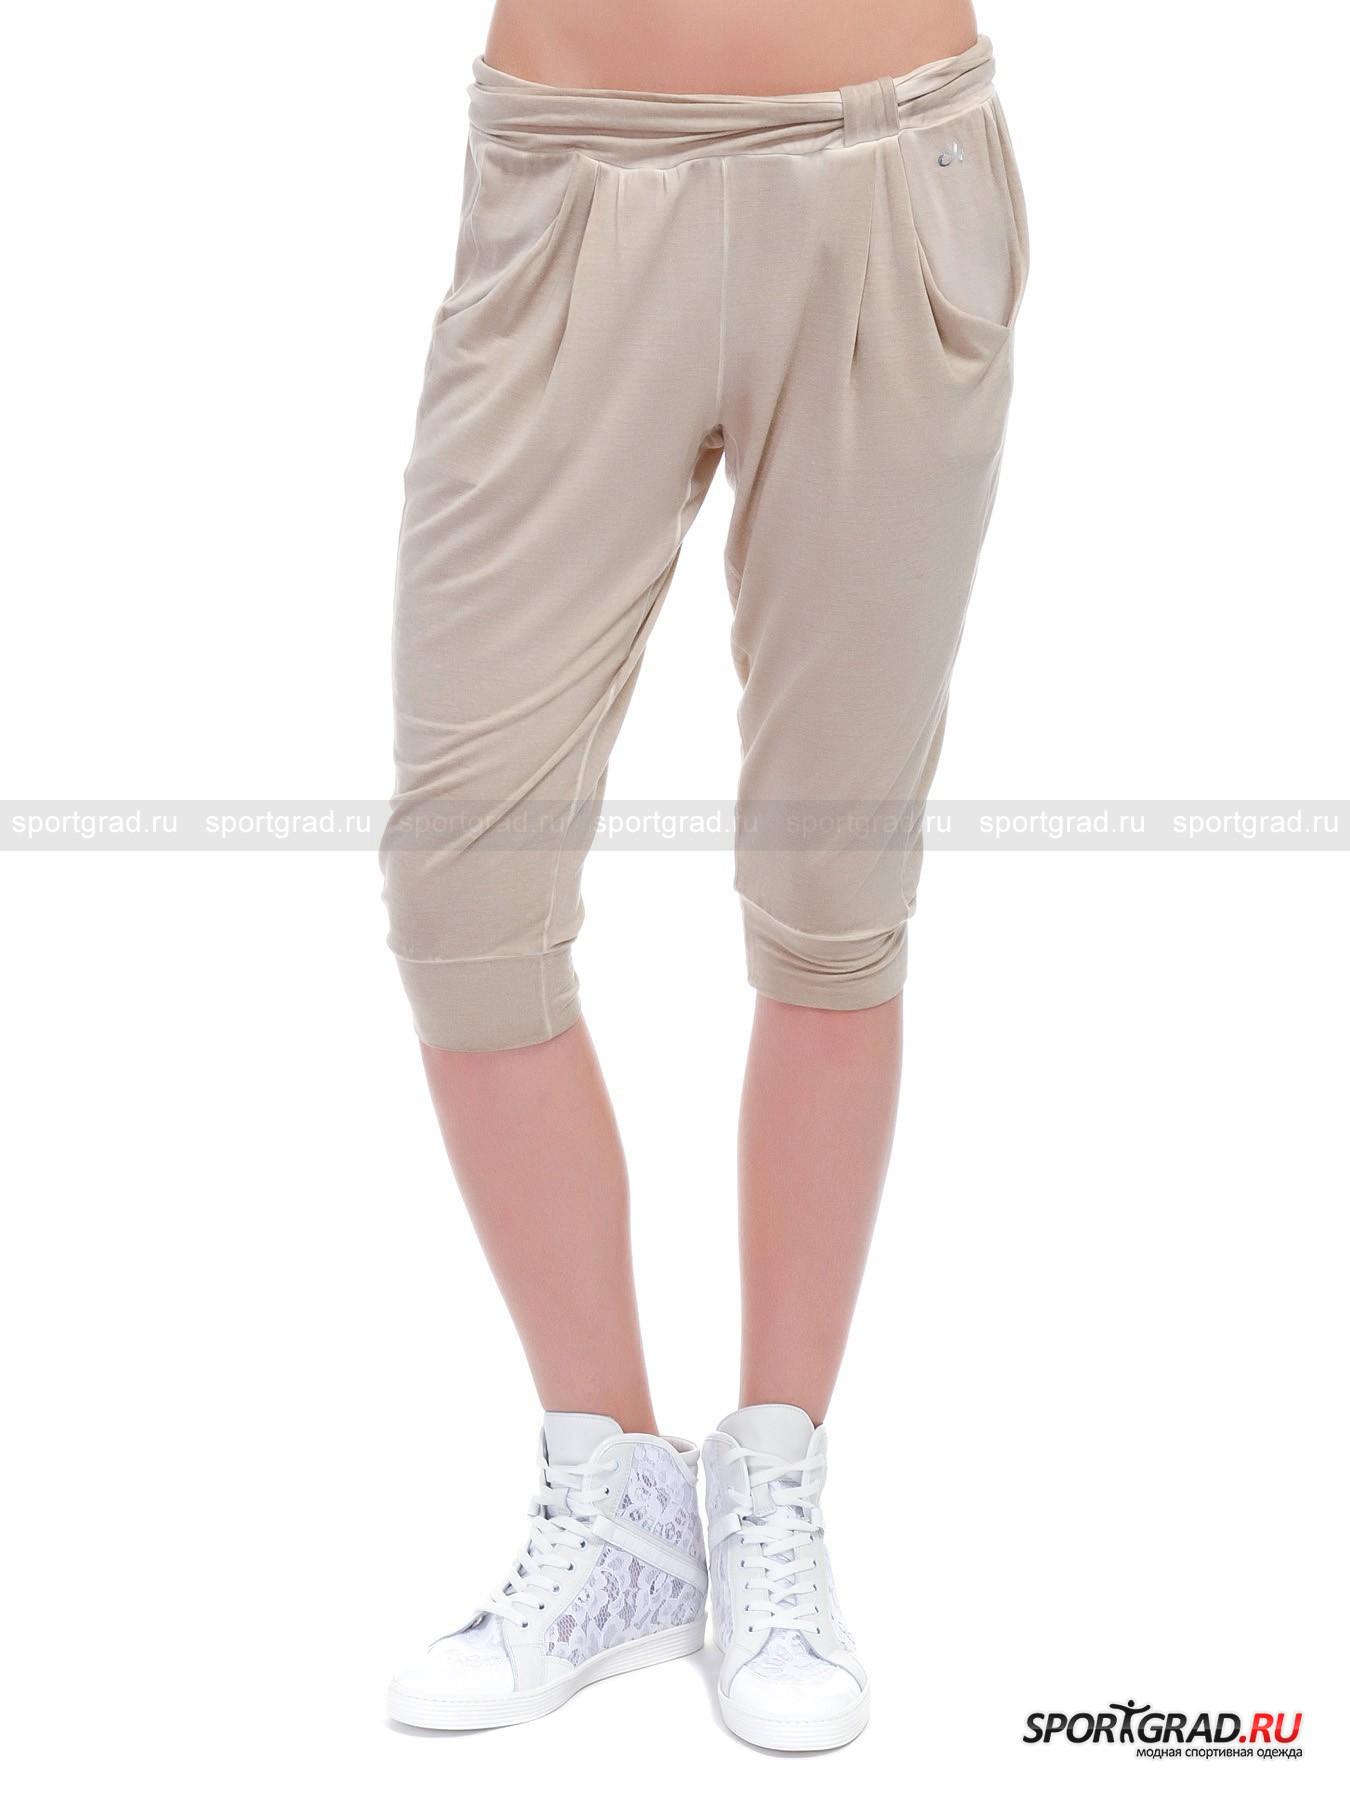 ������ ������� Pants DEHA ��� ������ � ������� �������